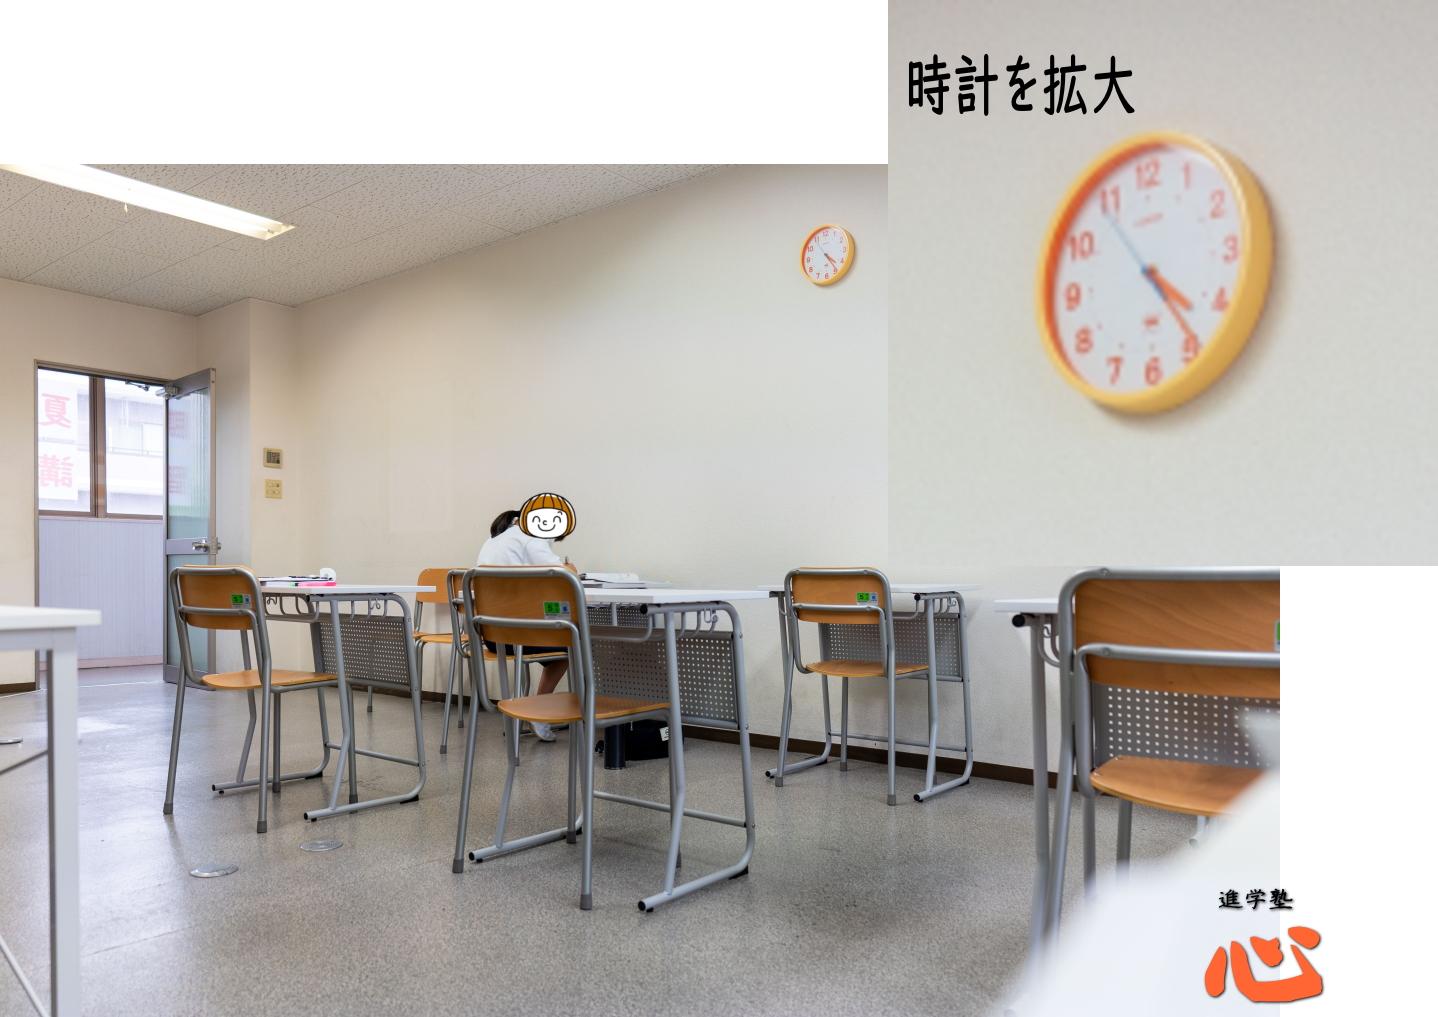 自習室0703